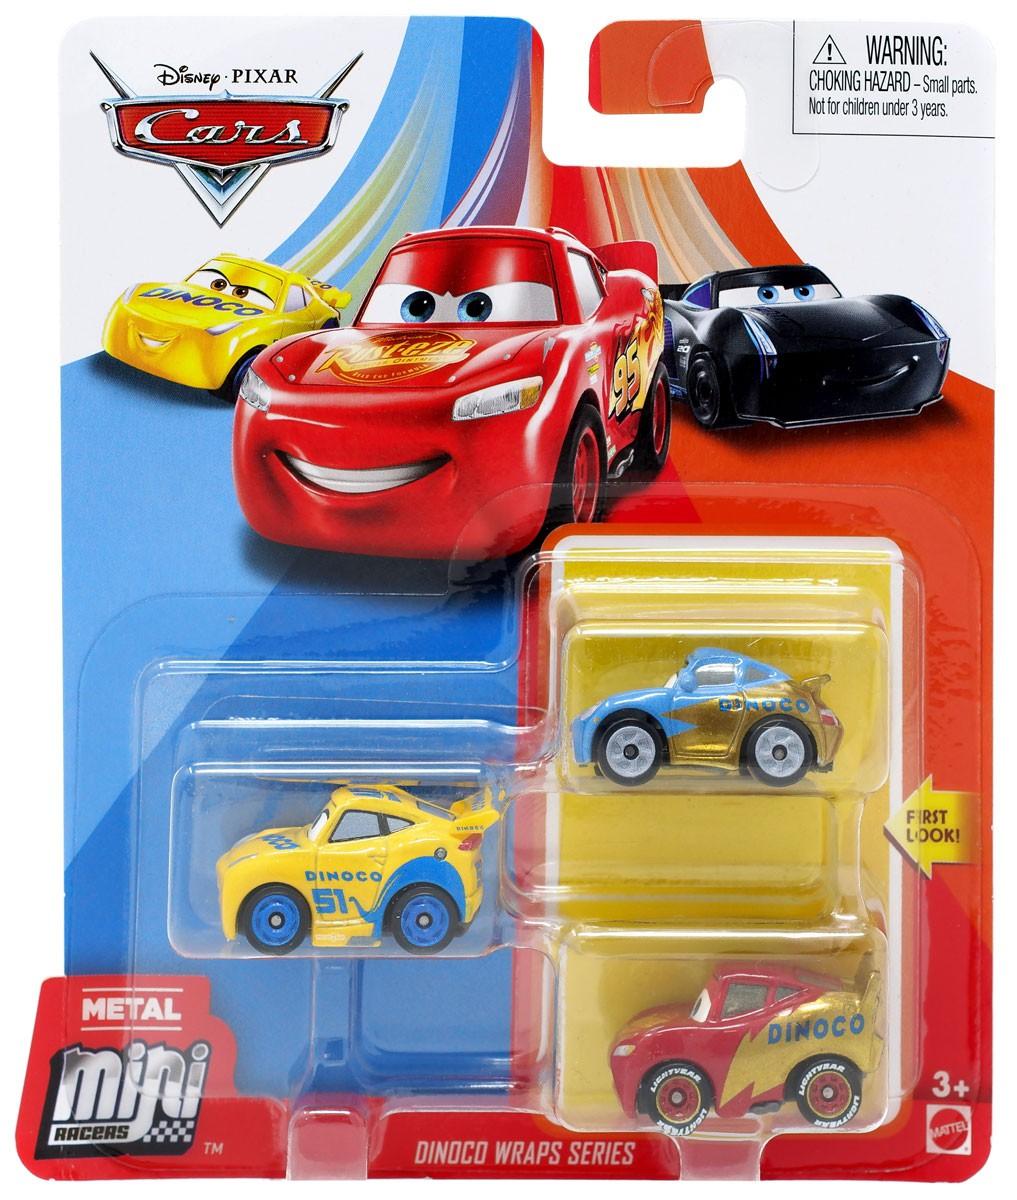 cars 2 Pixar Metal Die-Cast Vehicle 3 Pack 9